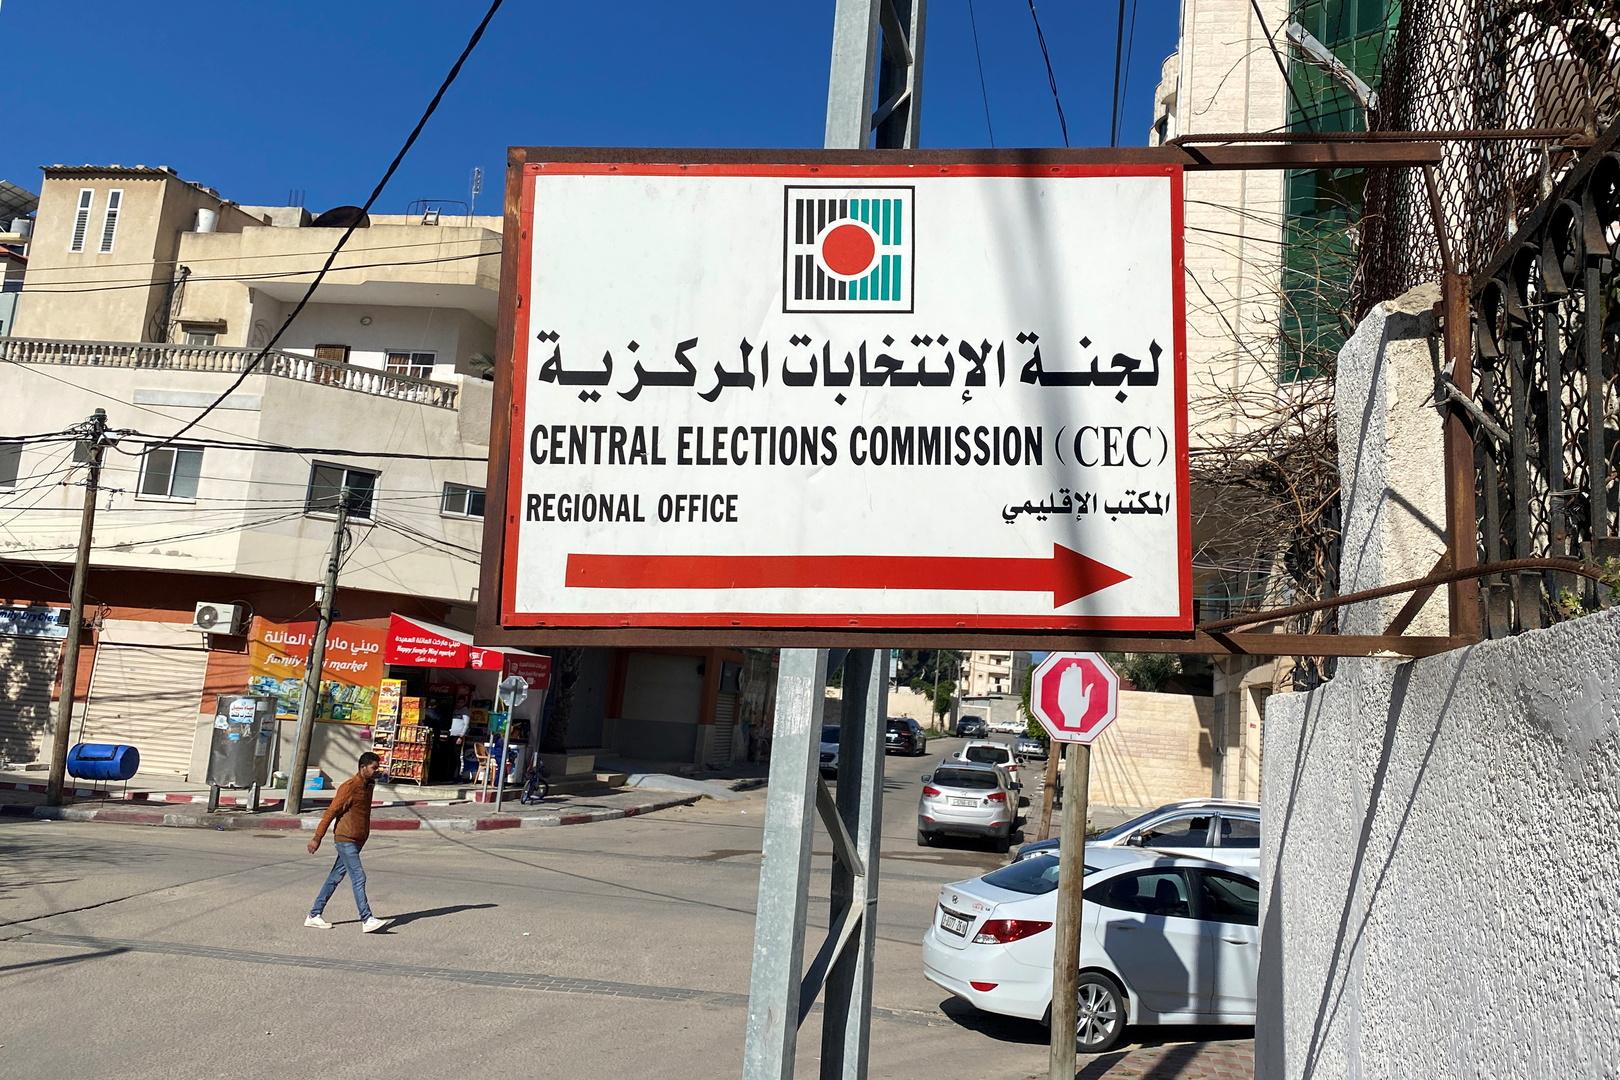 محكمة الانتخابات الفلسطينية تنظر في 24 طعنا في الضفة وغزة